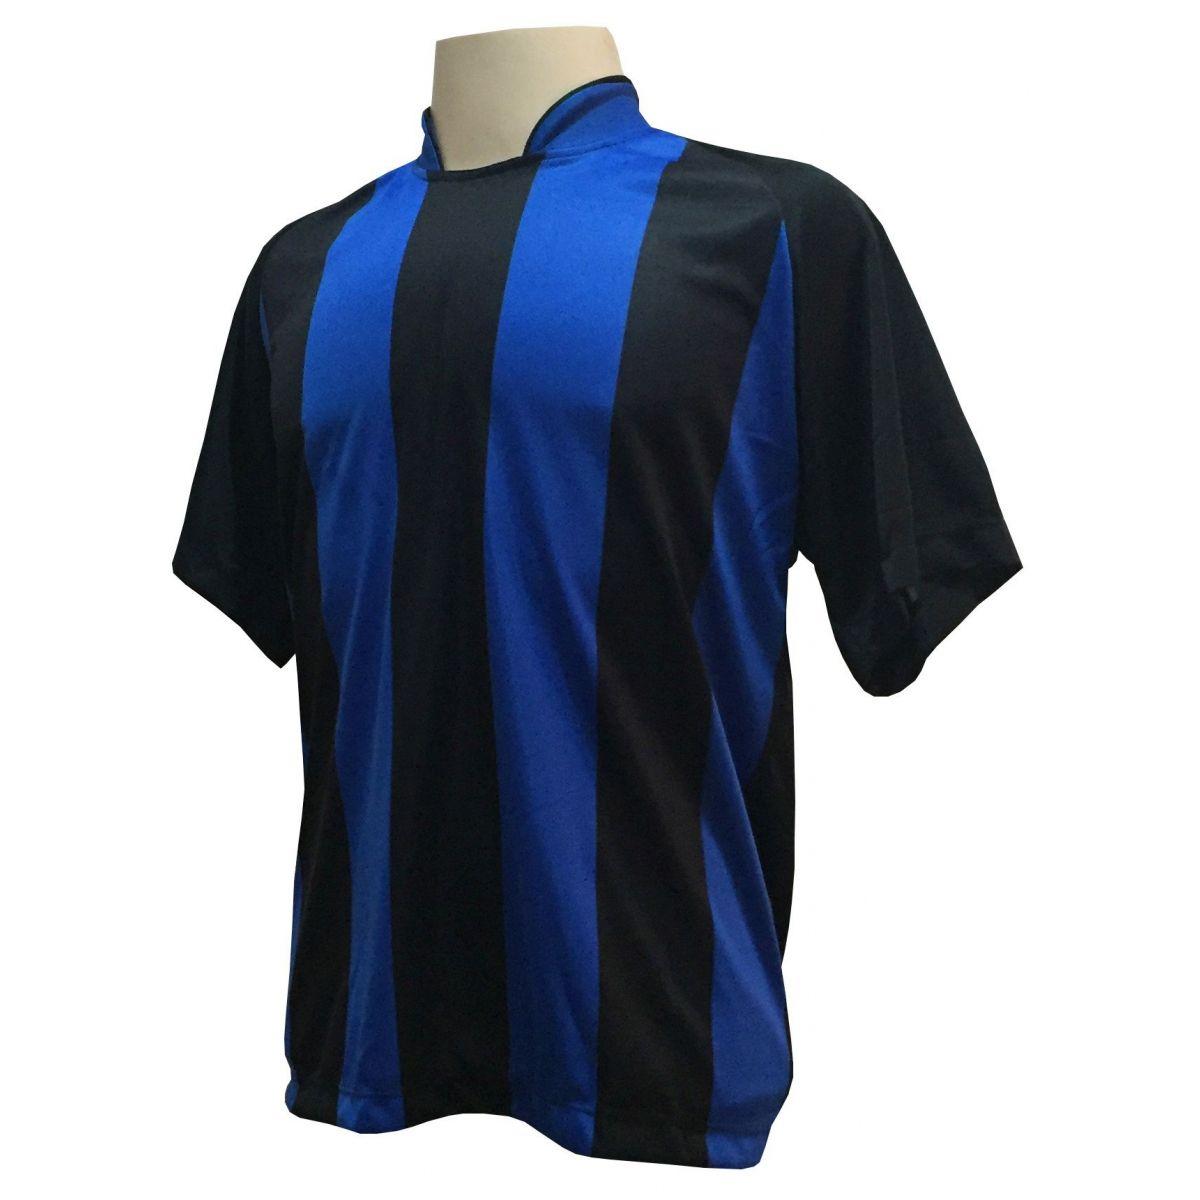 Jogo de Camisa com 18 unidades modelo Milan Preto/Royal